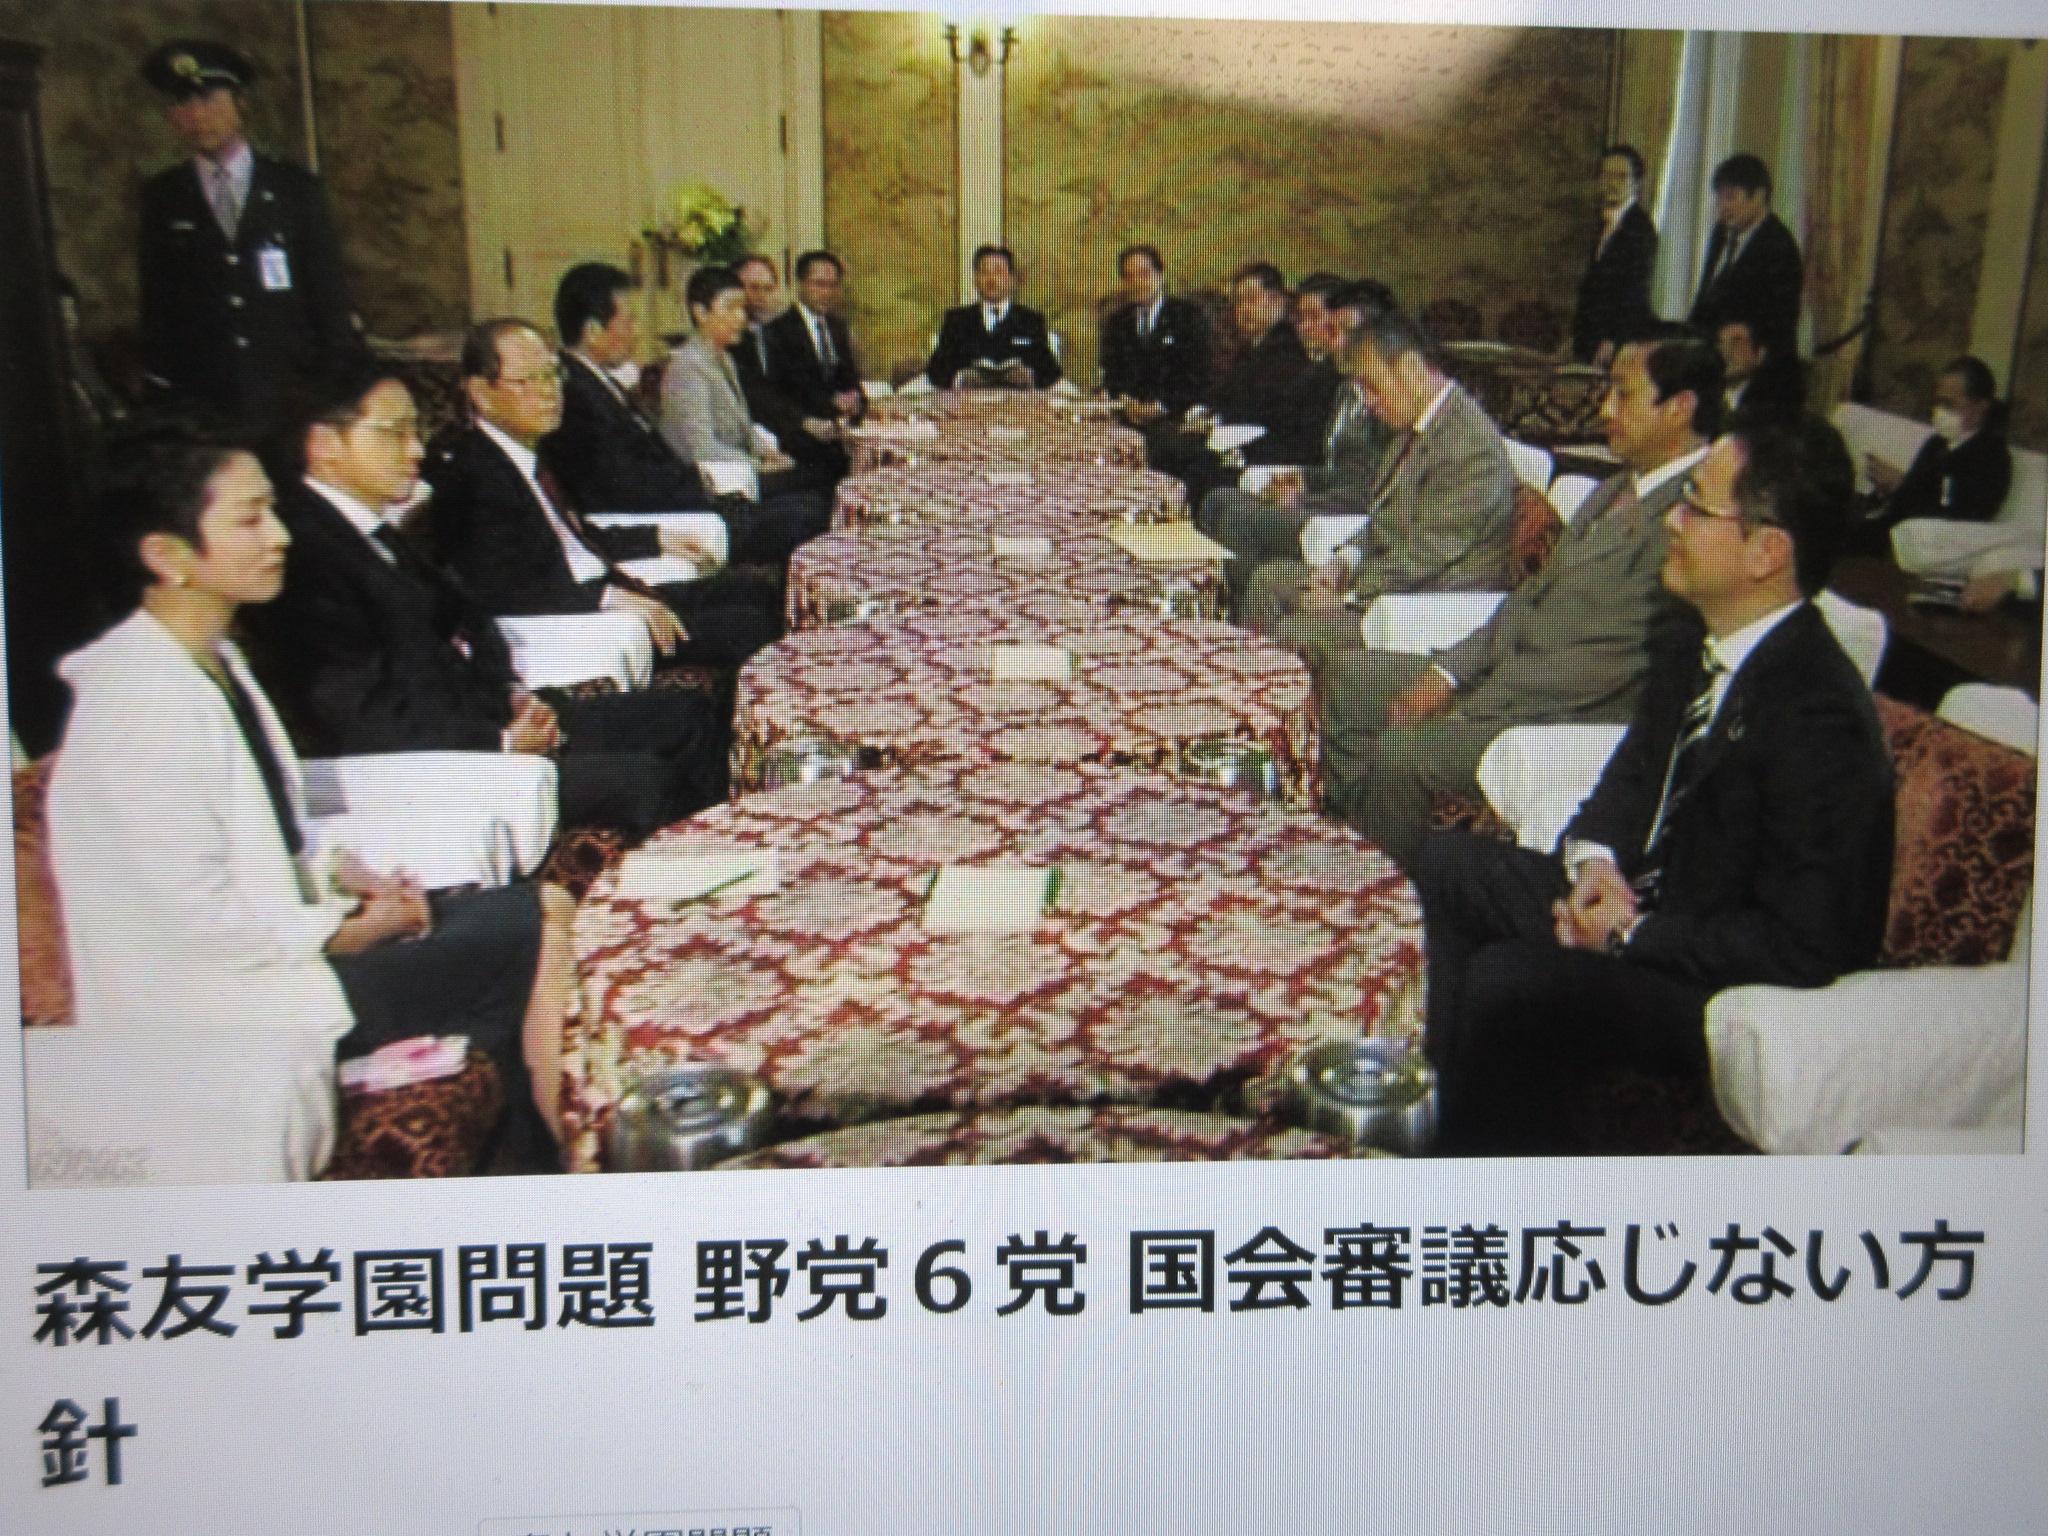 http://www.inoue-satoshi.com/diary/IMG_3781.JPG